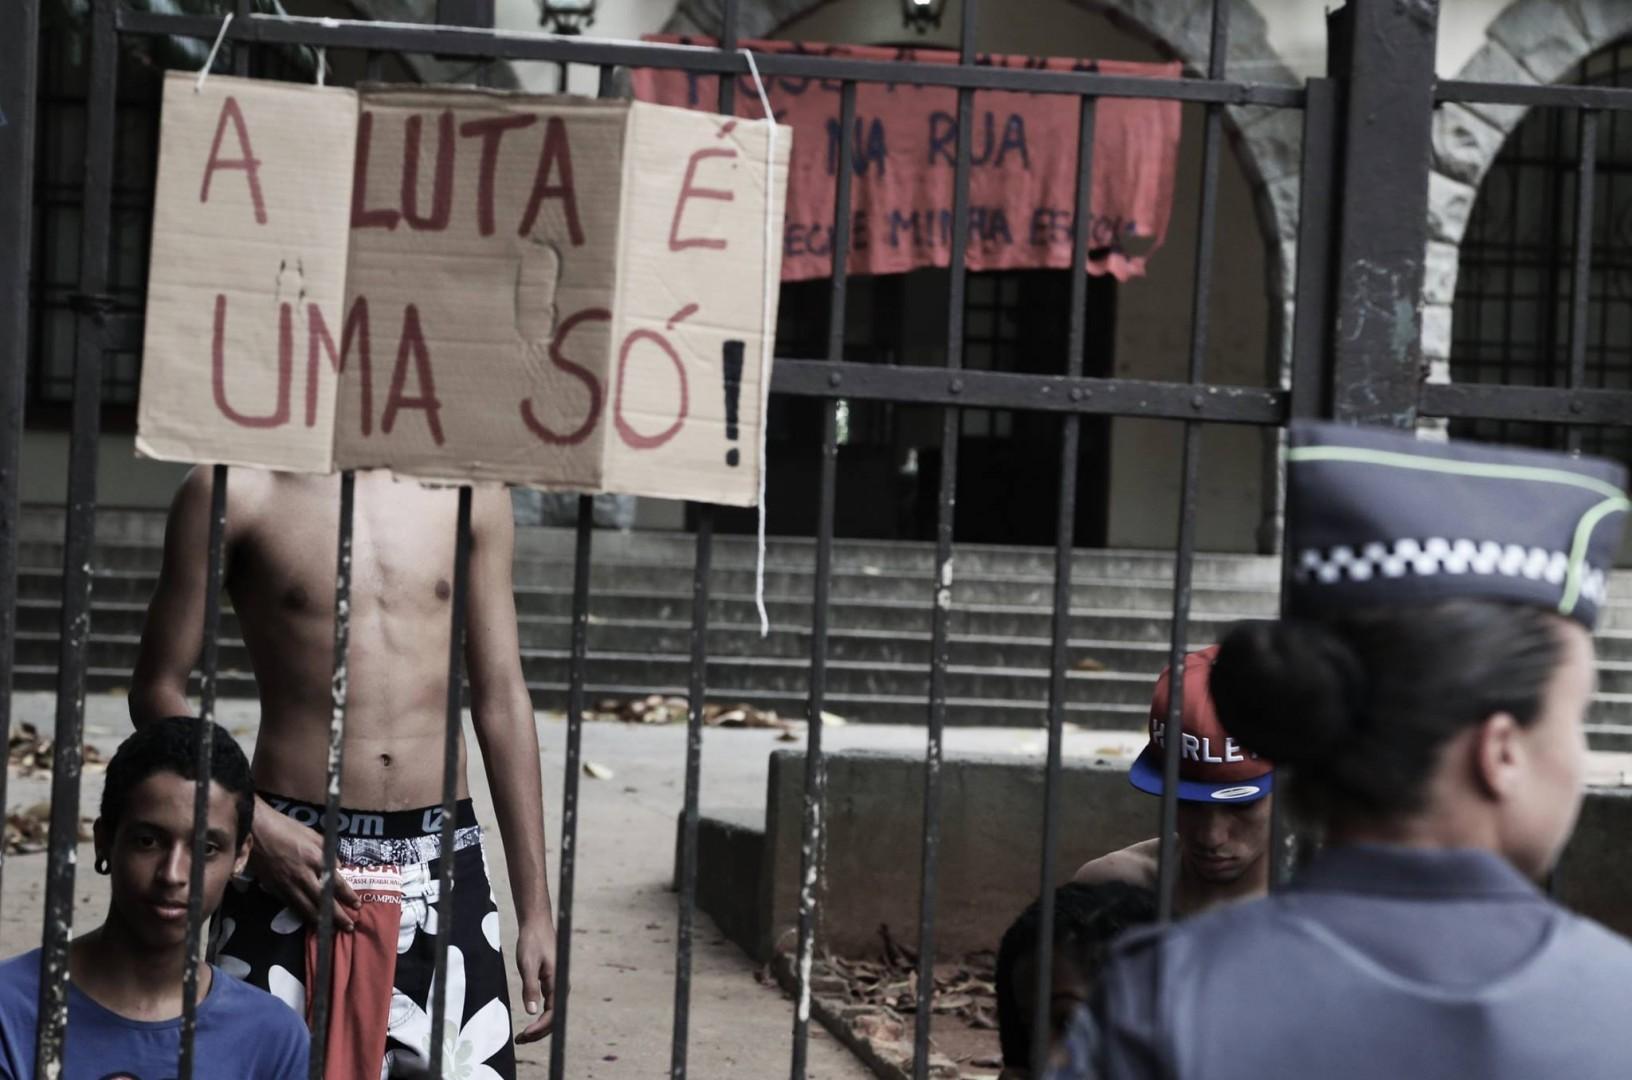 Escola Estadual ocupada em pinheiros, mesma região que ocorreram as ações do MIA -  Raphael Sanz